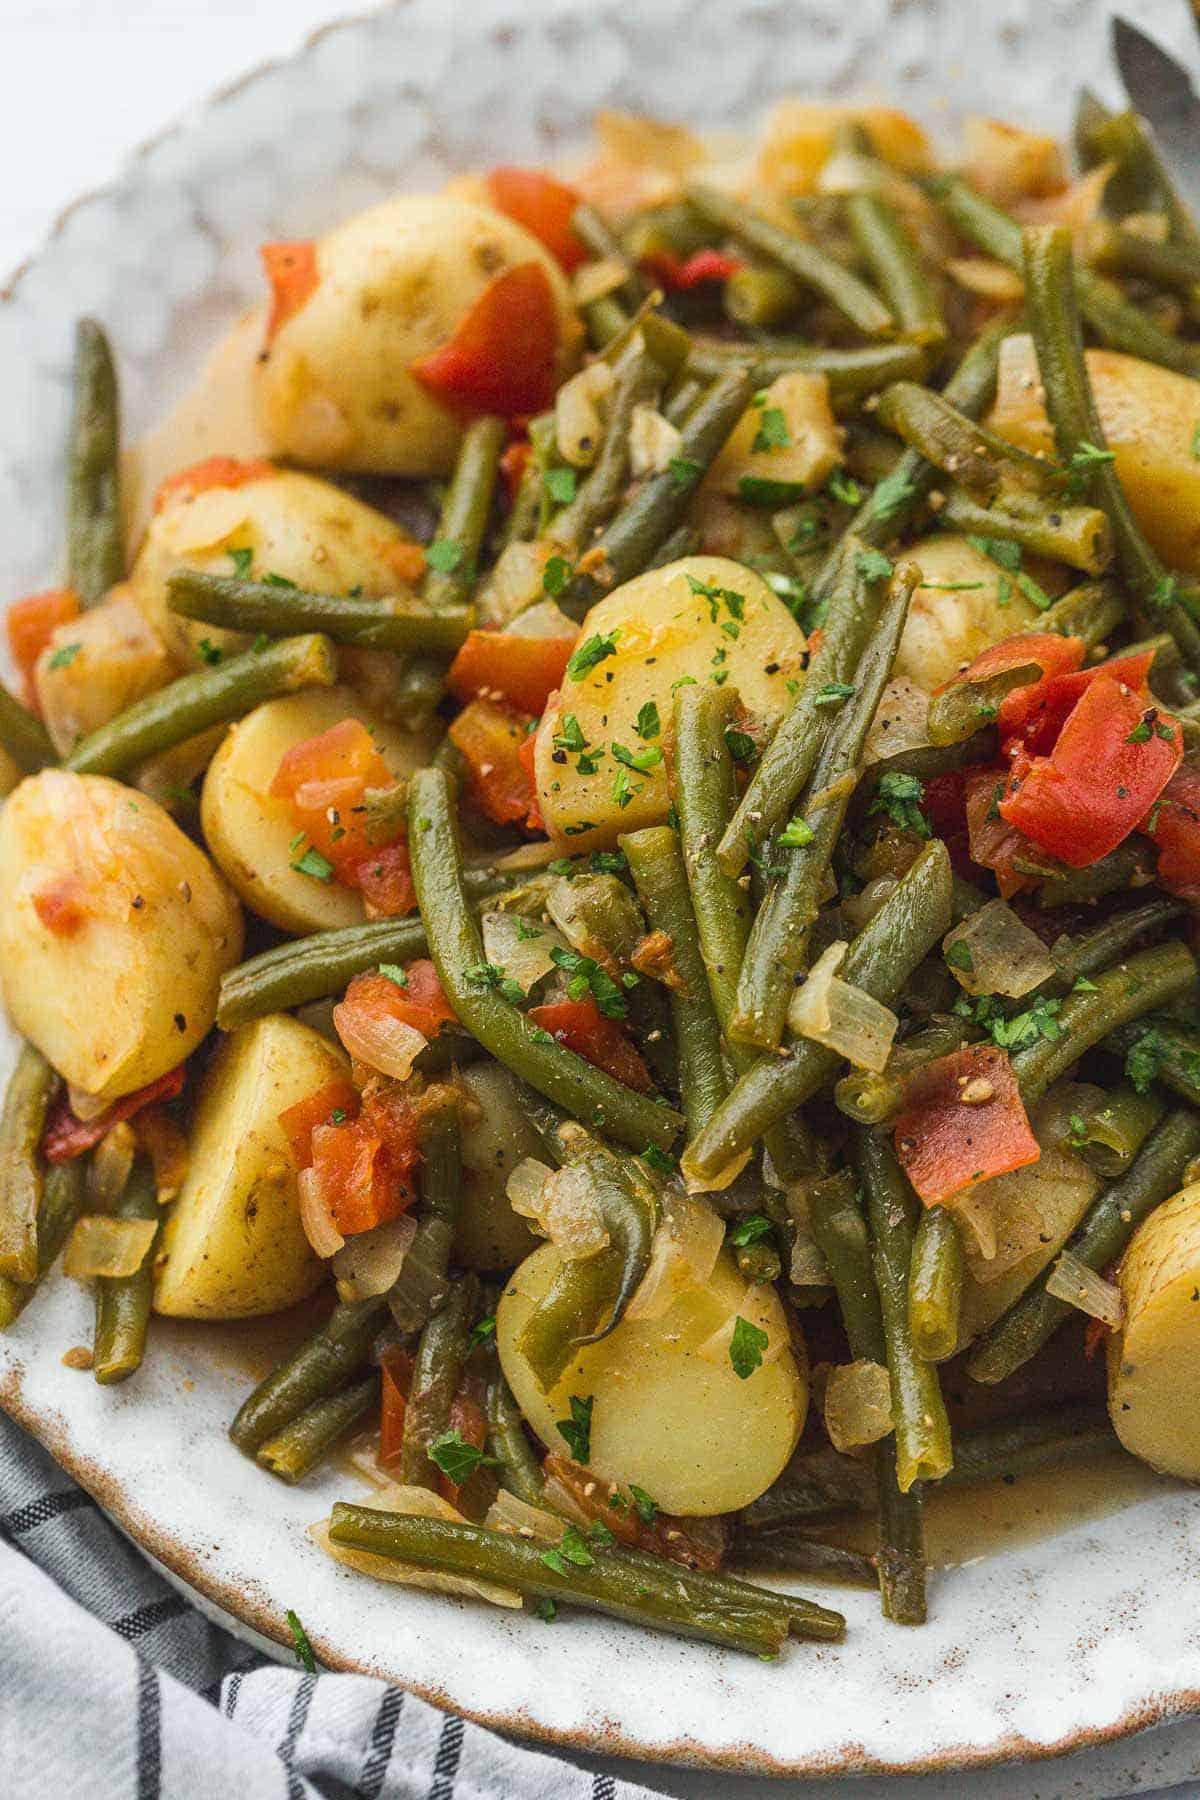 A close up shot of fasolakia dish